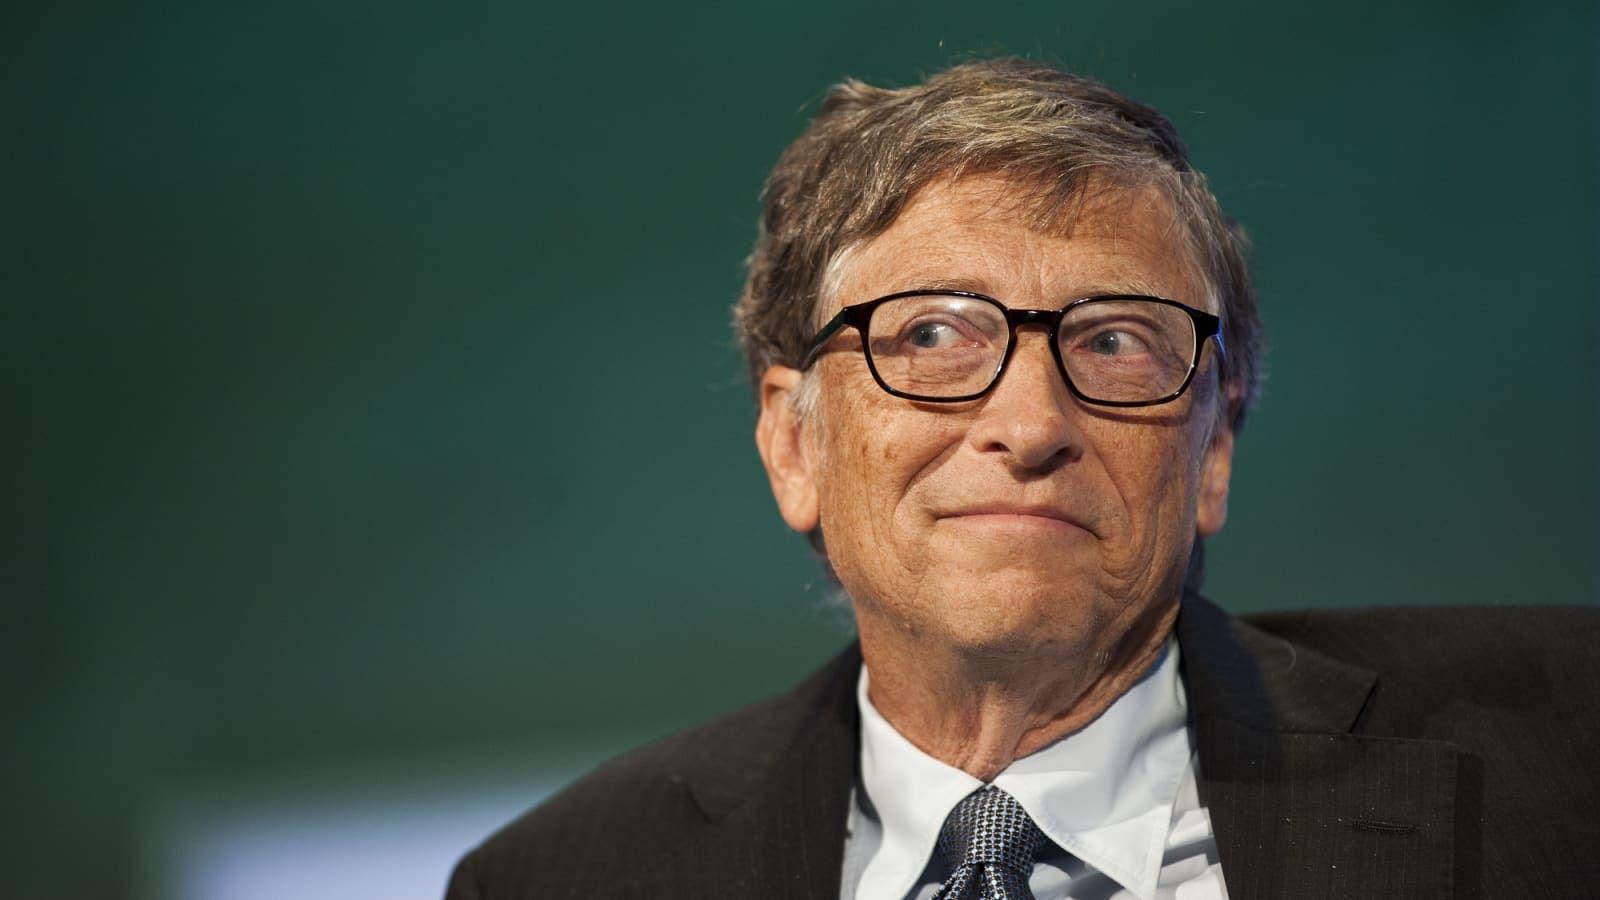 WSJ: Вихід Гейтса з Ради директорів Microsoft міг бути пов'язаний із розслідуванням його стосунків із підлеглою